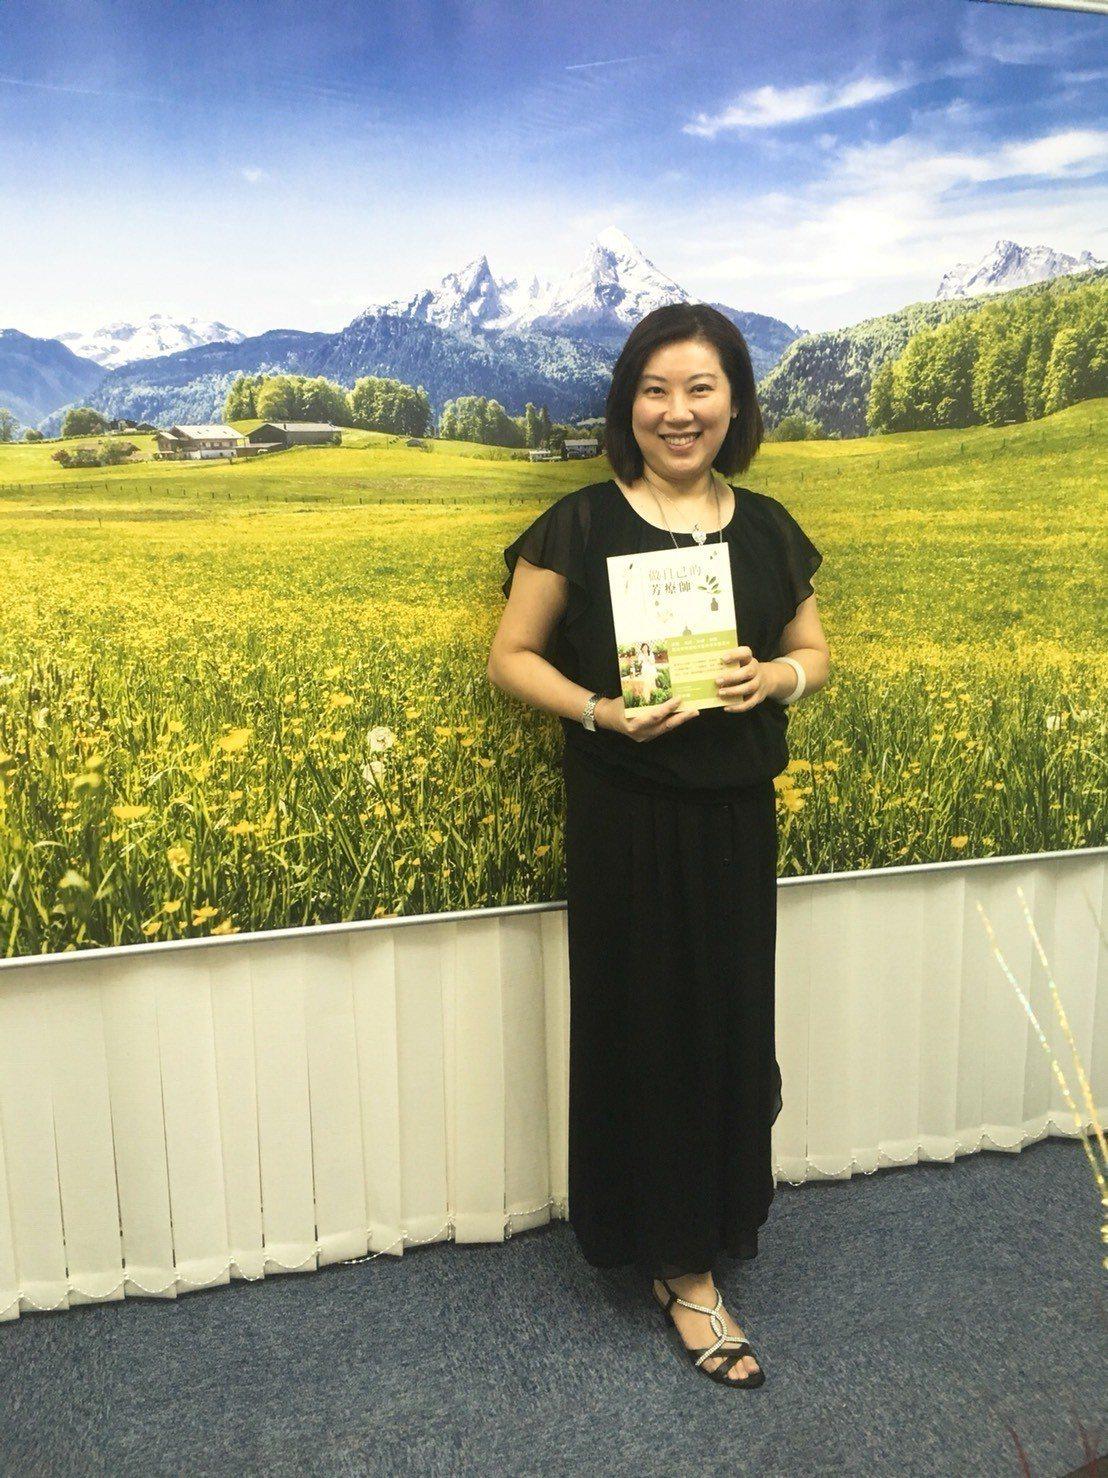 香草精油學苑是最專業的精油芳療資訊與學習網站,創辦人李淳廉研發最齊全的天然精油。...